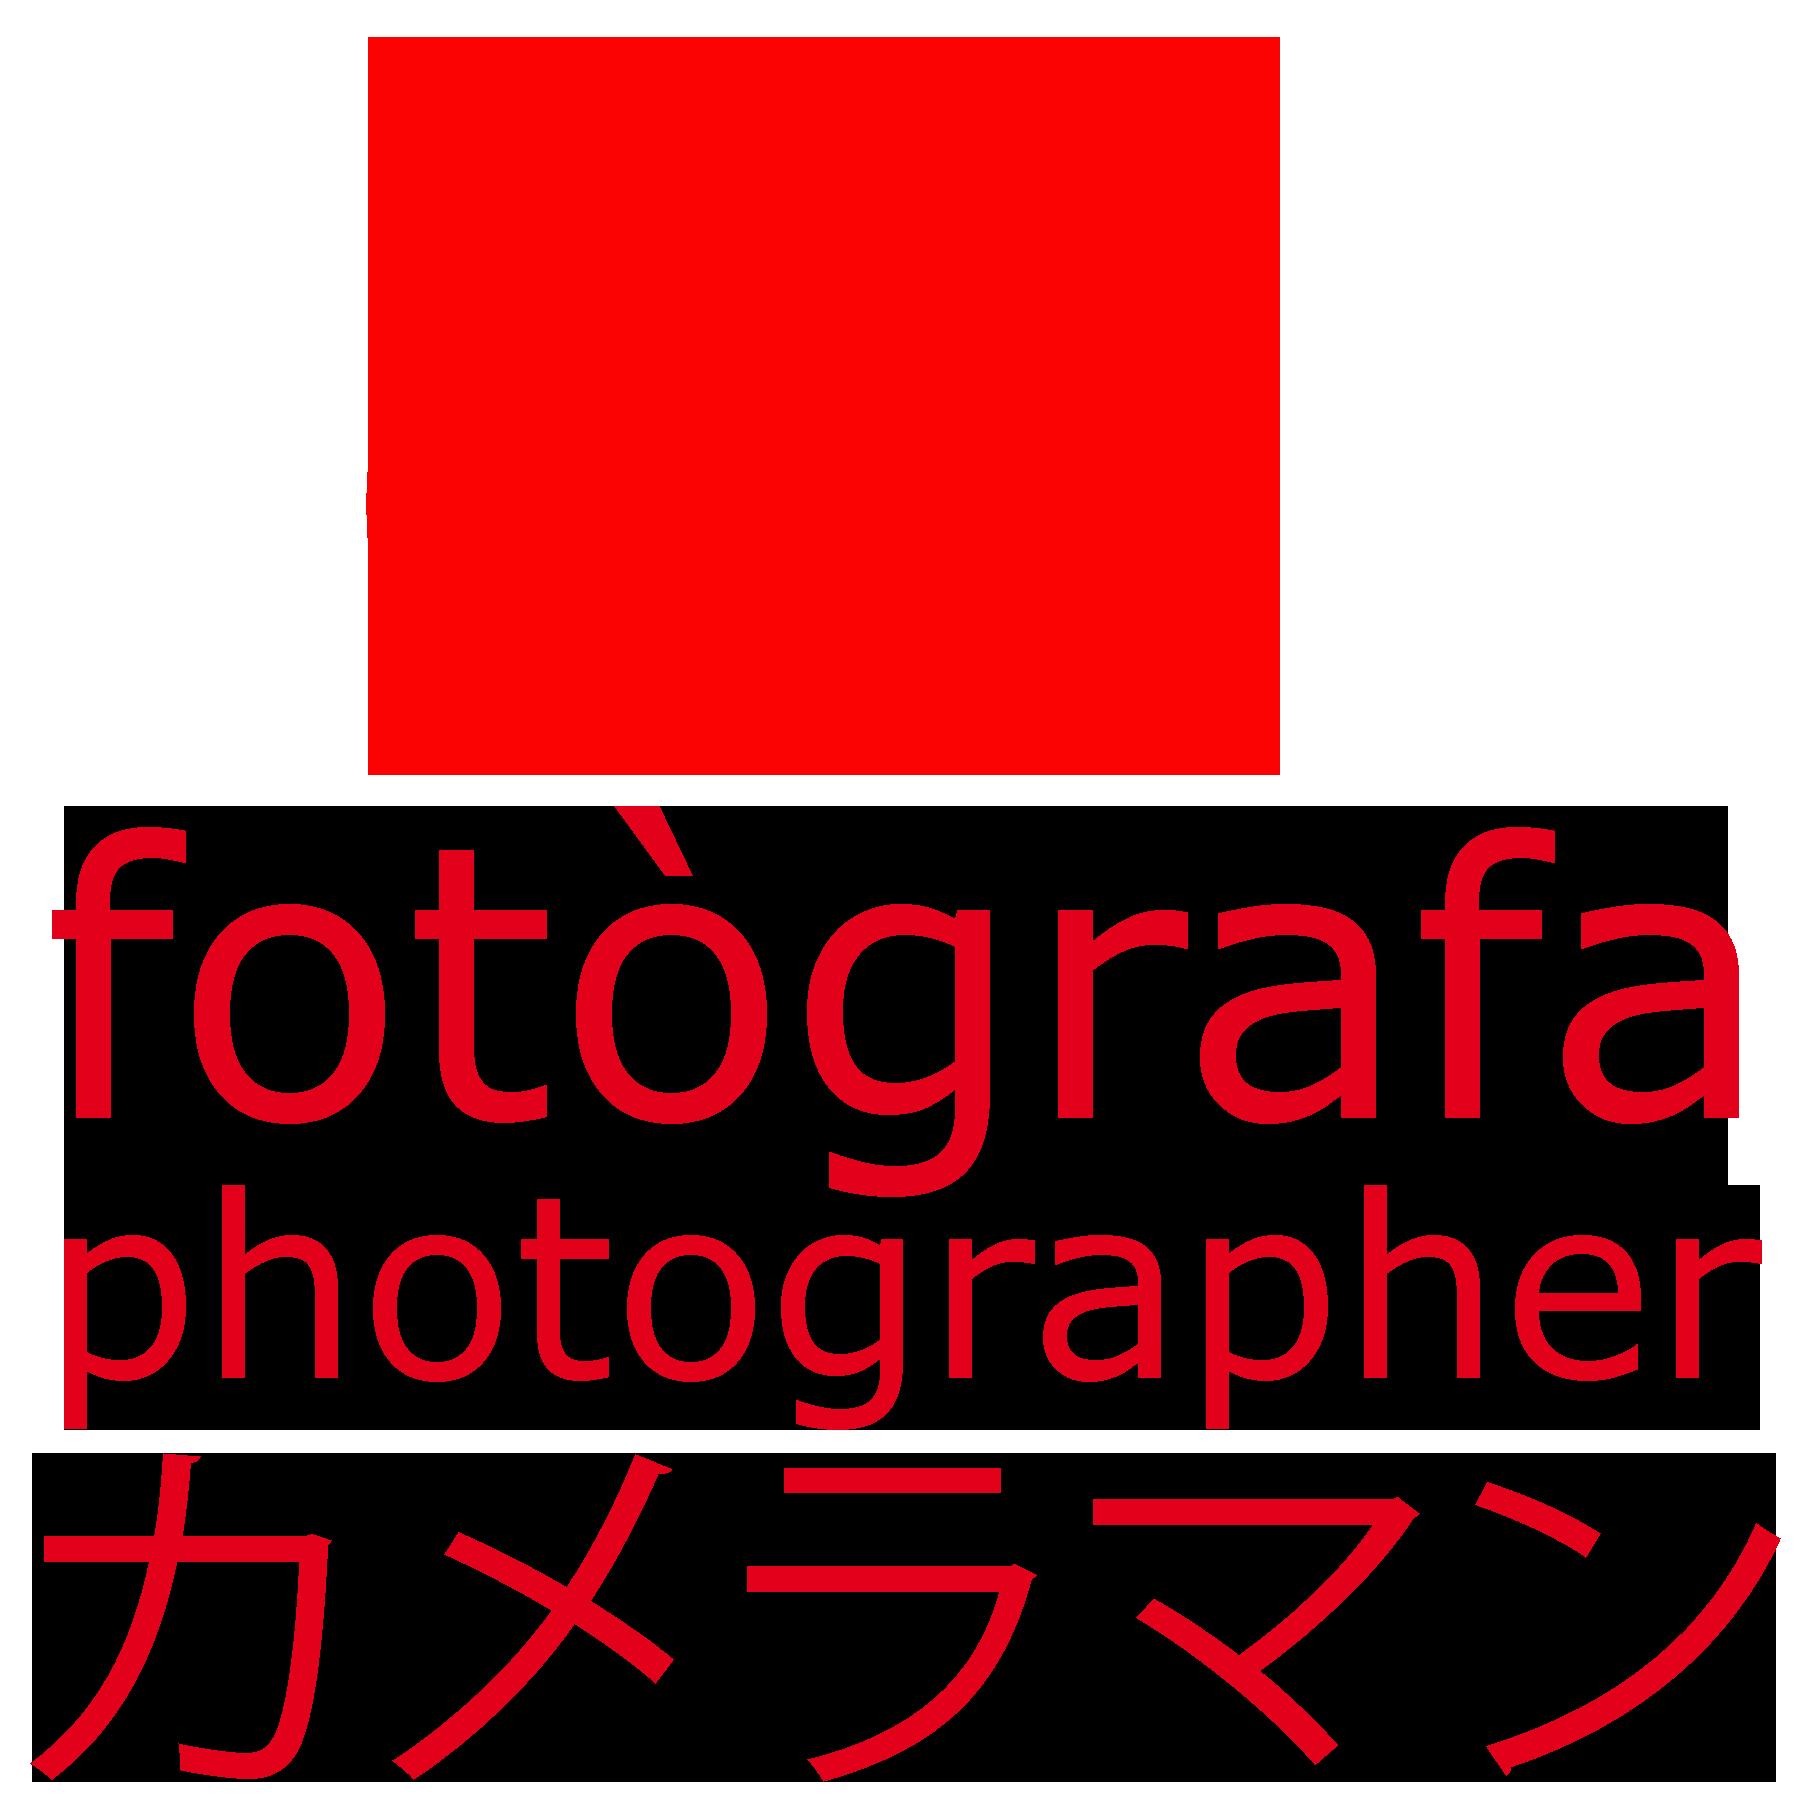 Diana Colominas - Fotògrafa